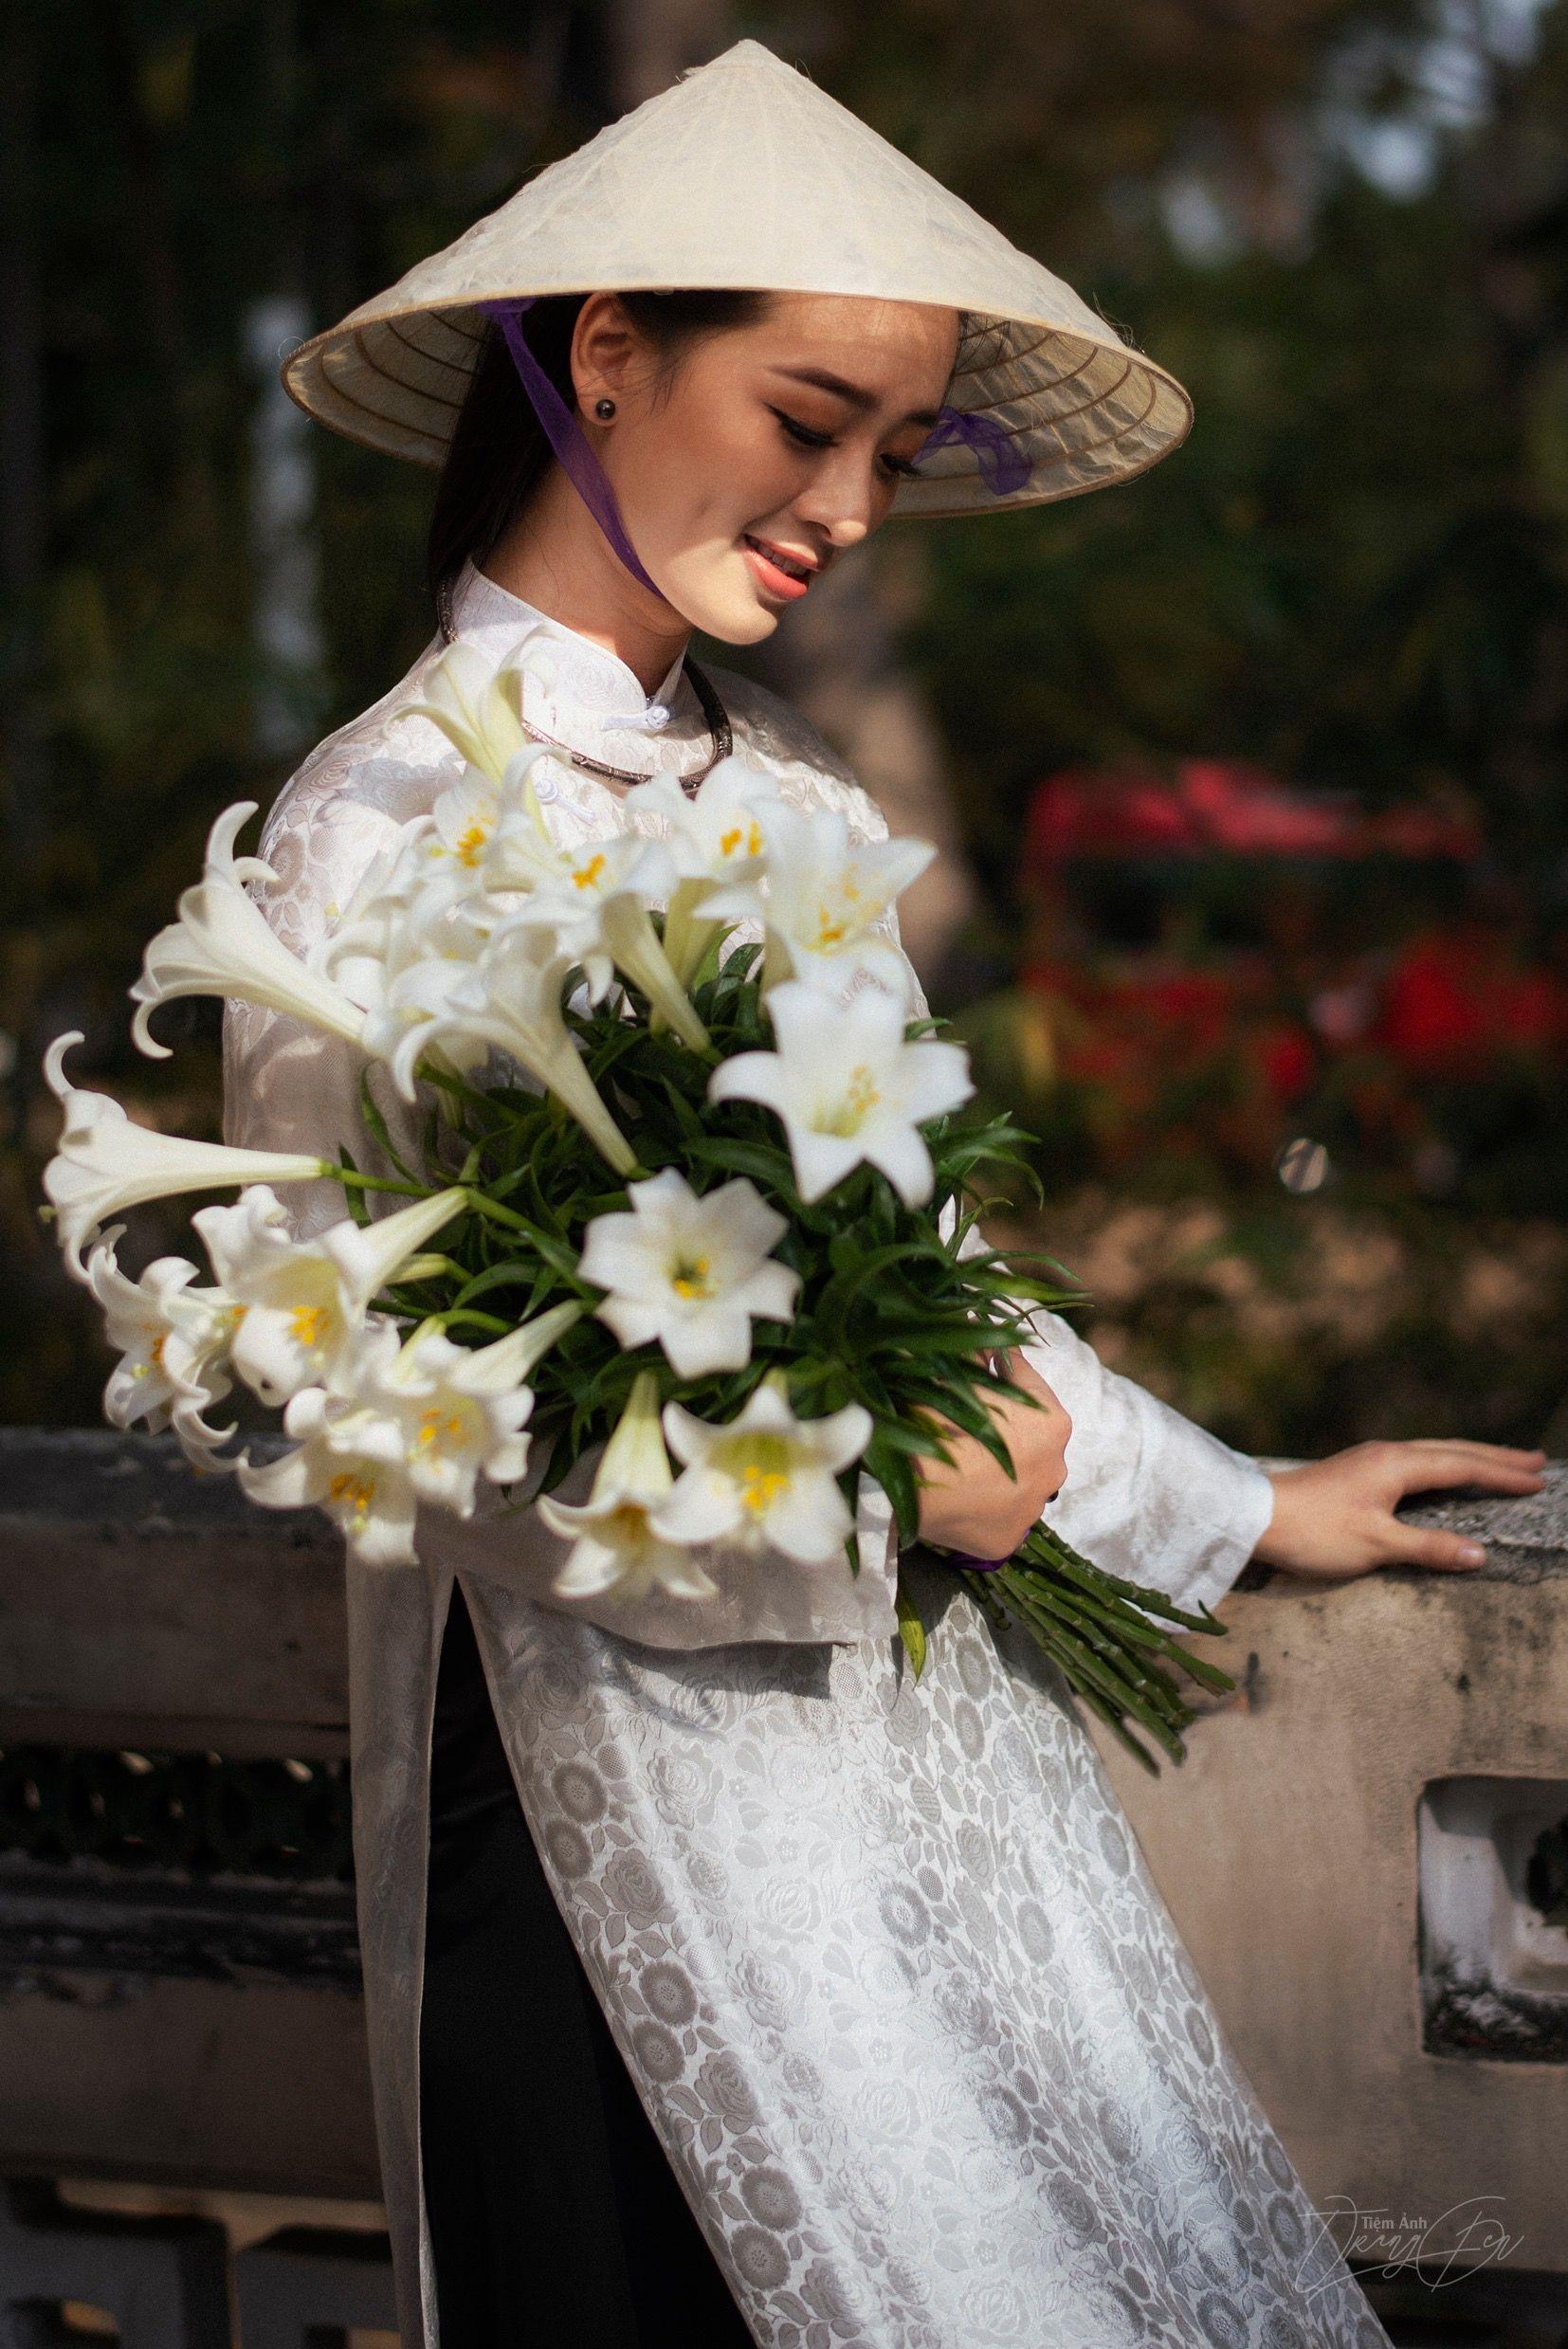 Chiếc áo dài - Nét đẹp văn hóa truyền thống của người phụ